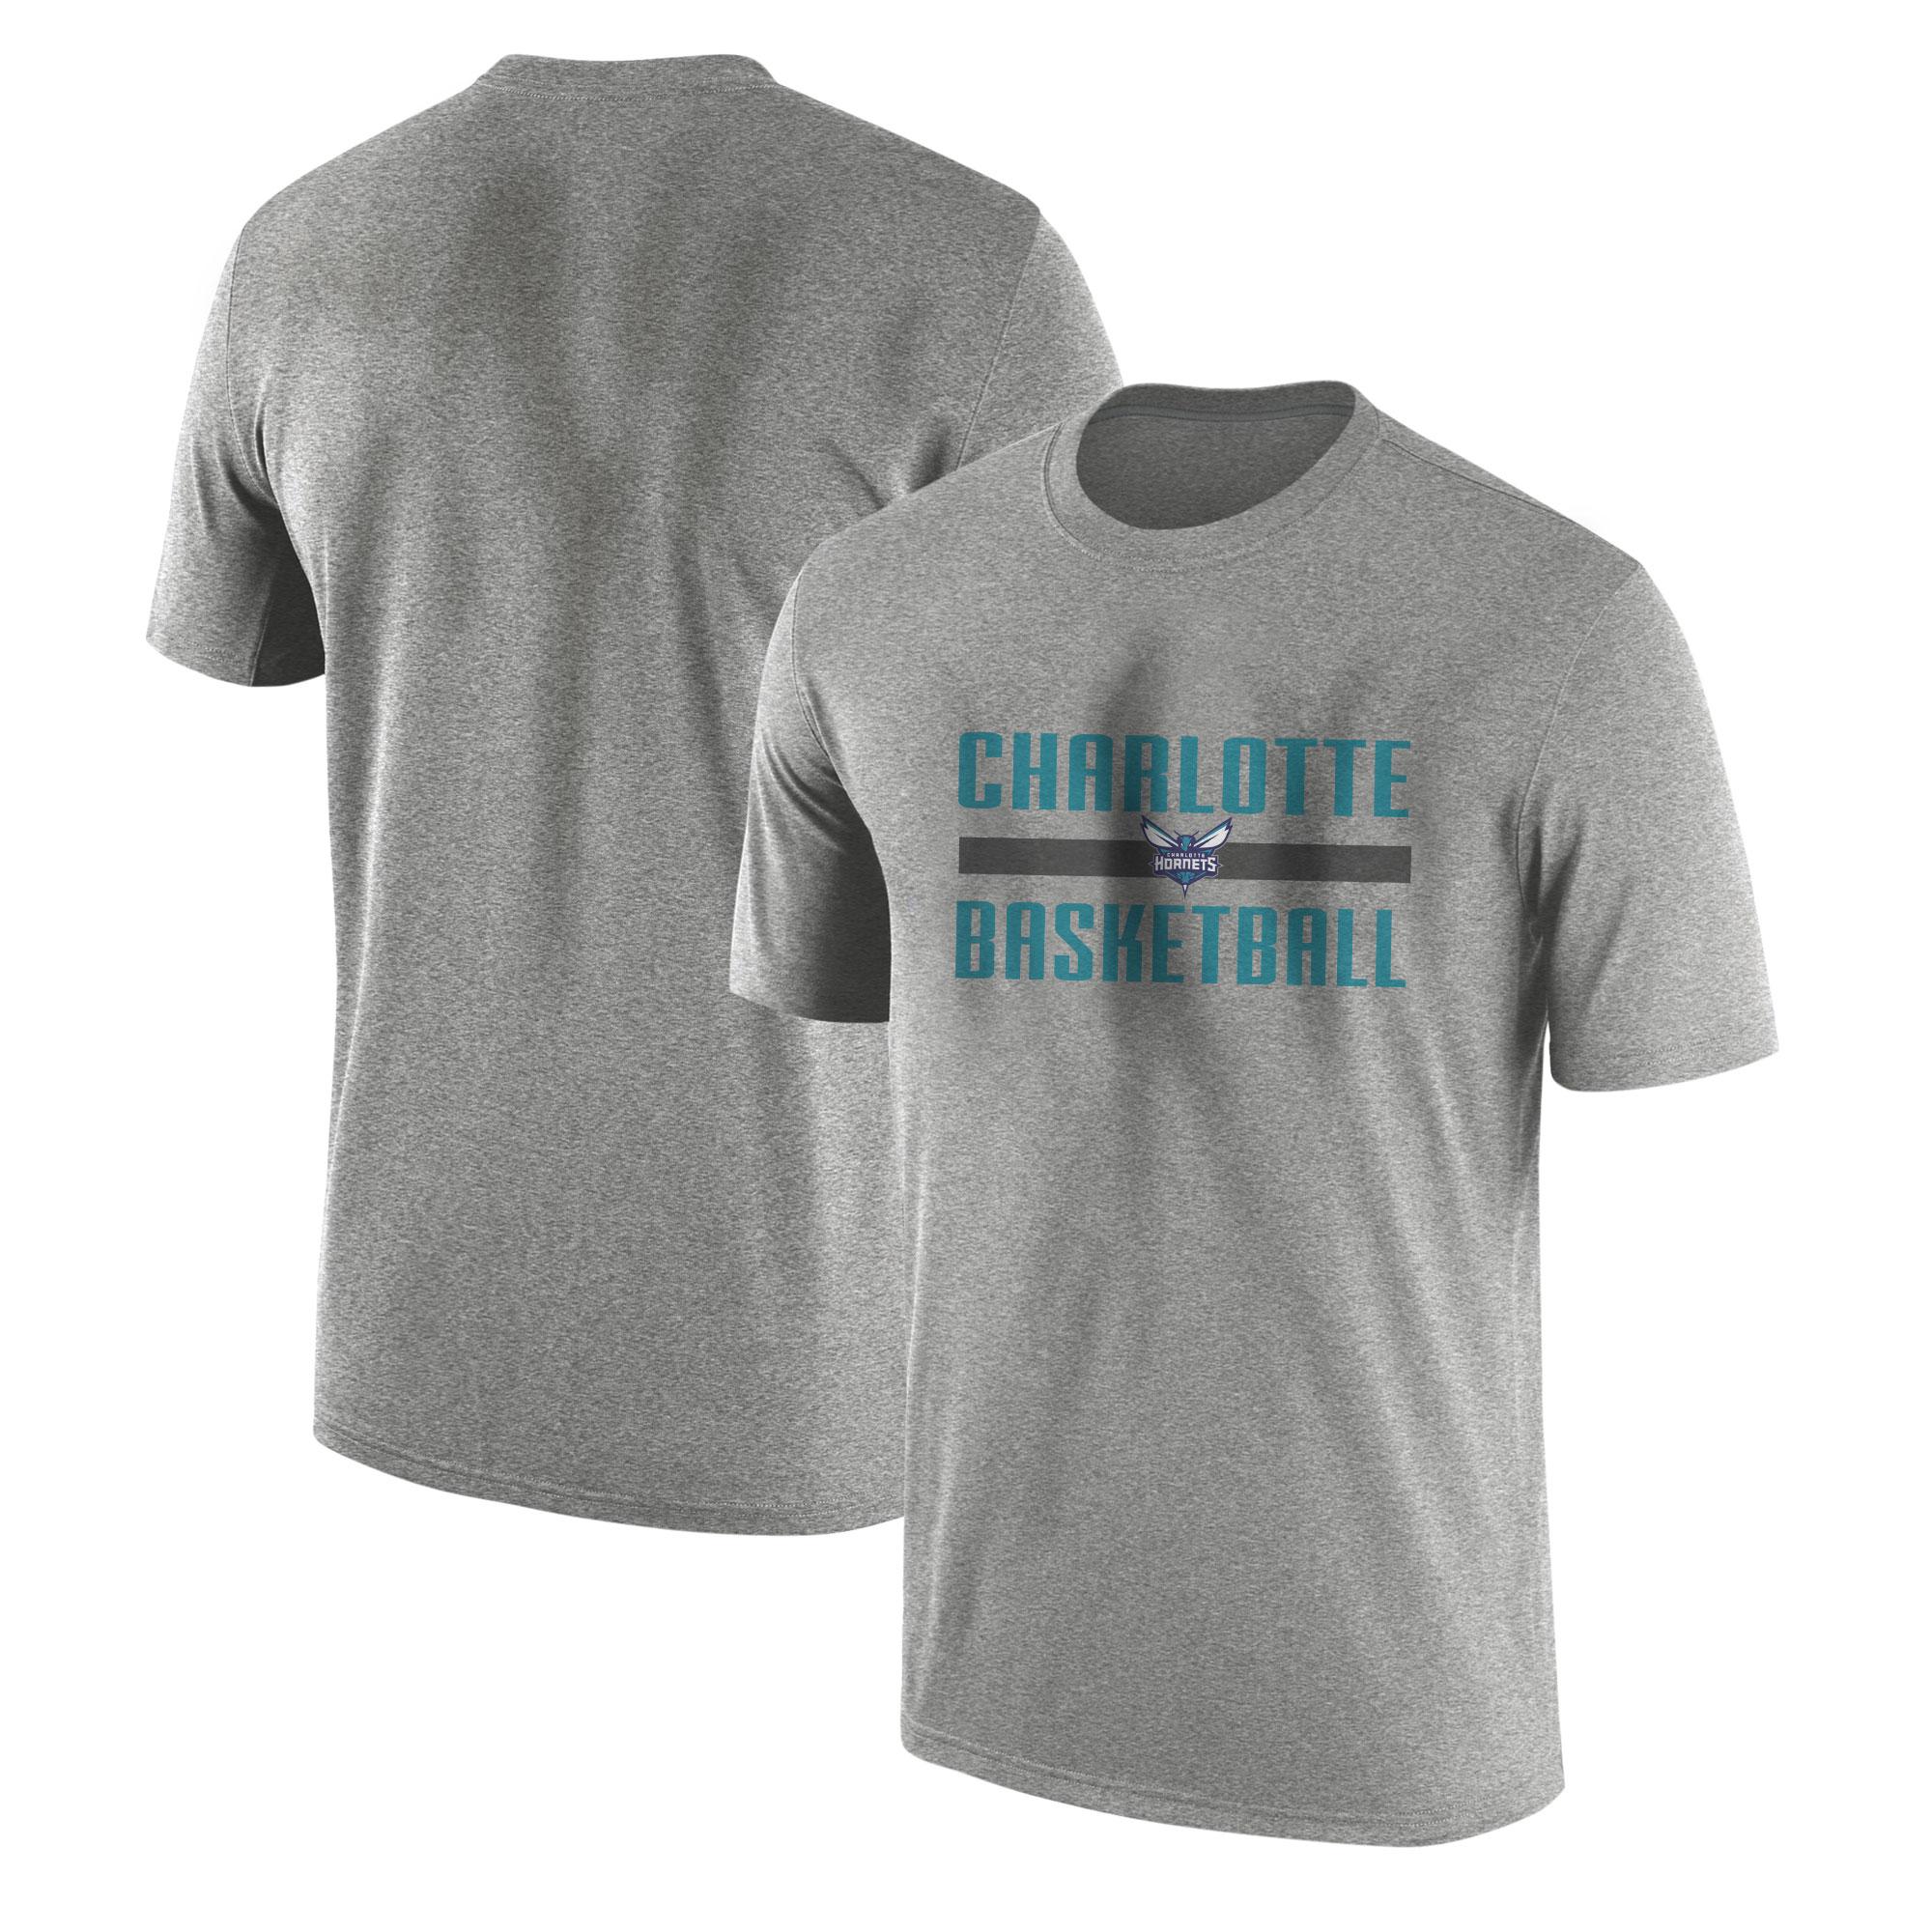 Charlotte Basketball Tshirt (TSH-GRY-NP-charlotte-basketball-653)